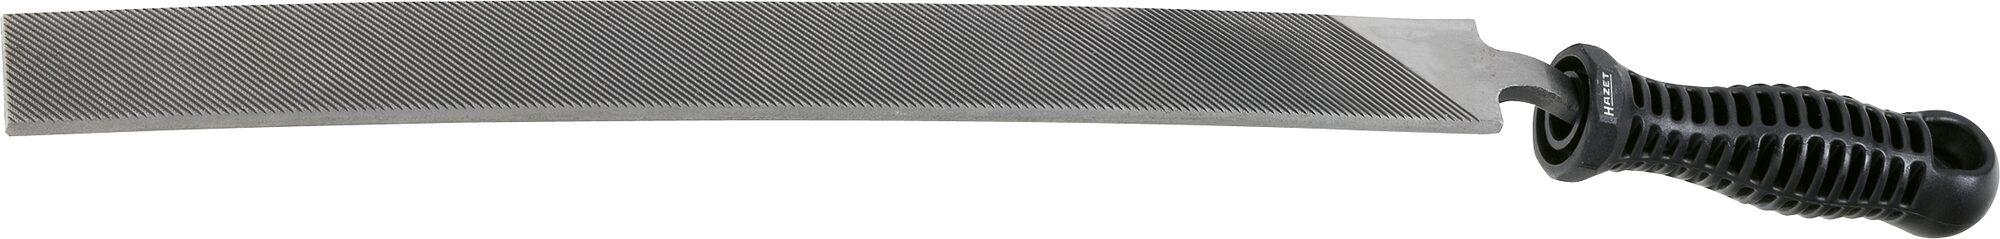 HAZET Karosserie-Feile 1934-9 ∙ 430 mm